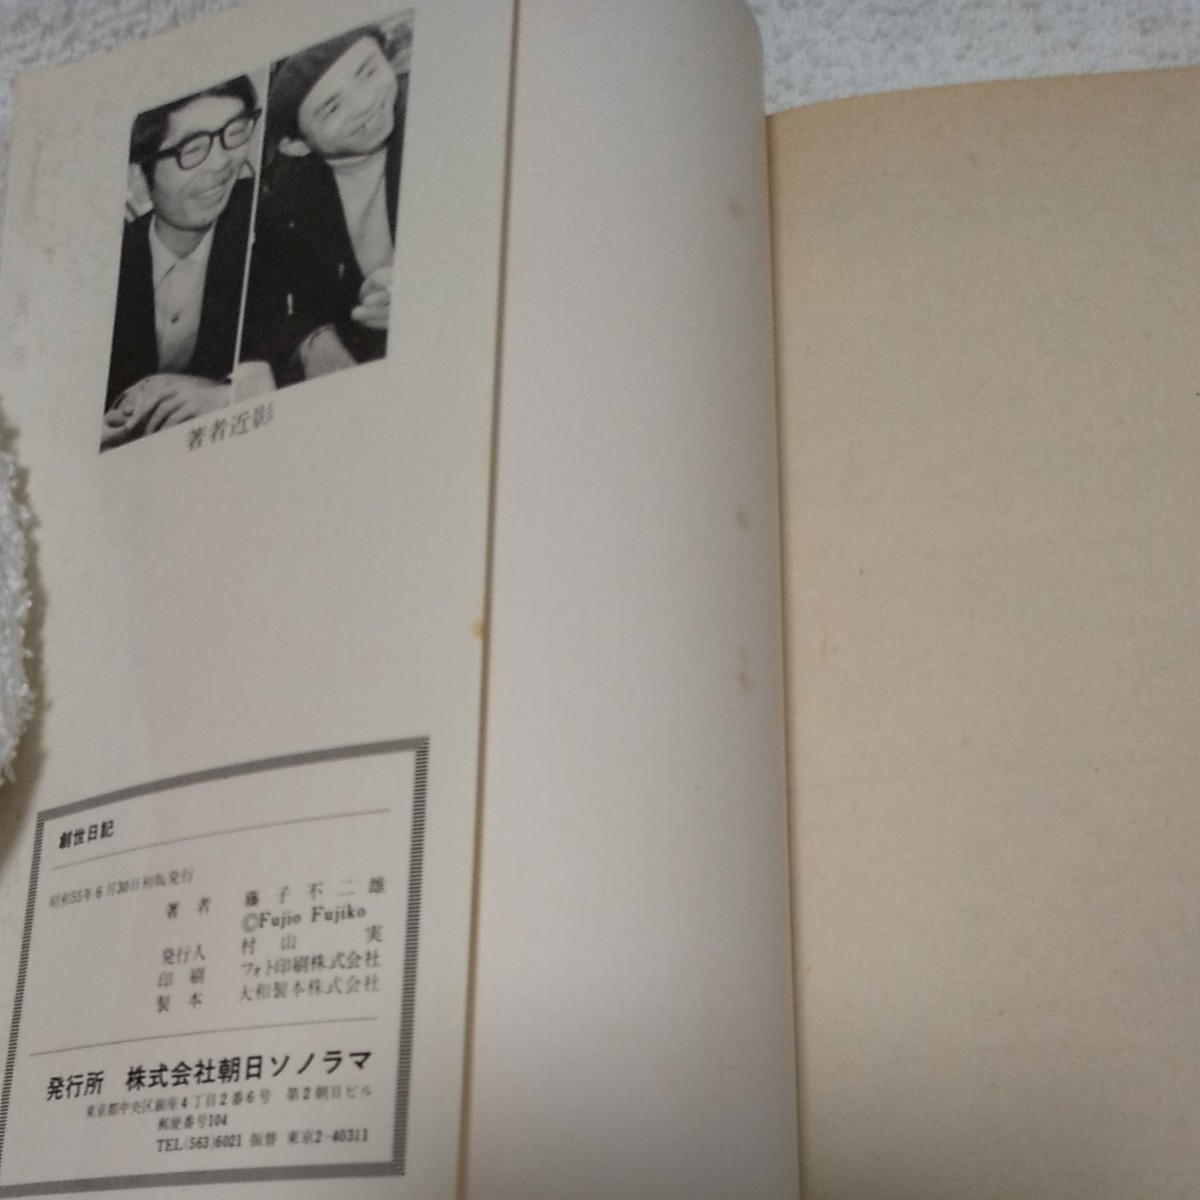 藤子不二雄SF短編集「創世日記」昭和55年6月30日初版発行 朝日ソノラマ サンコミックス